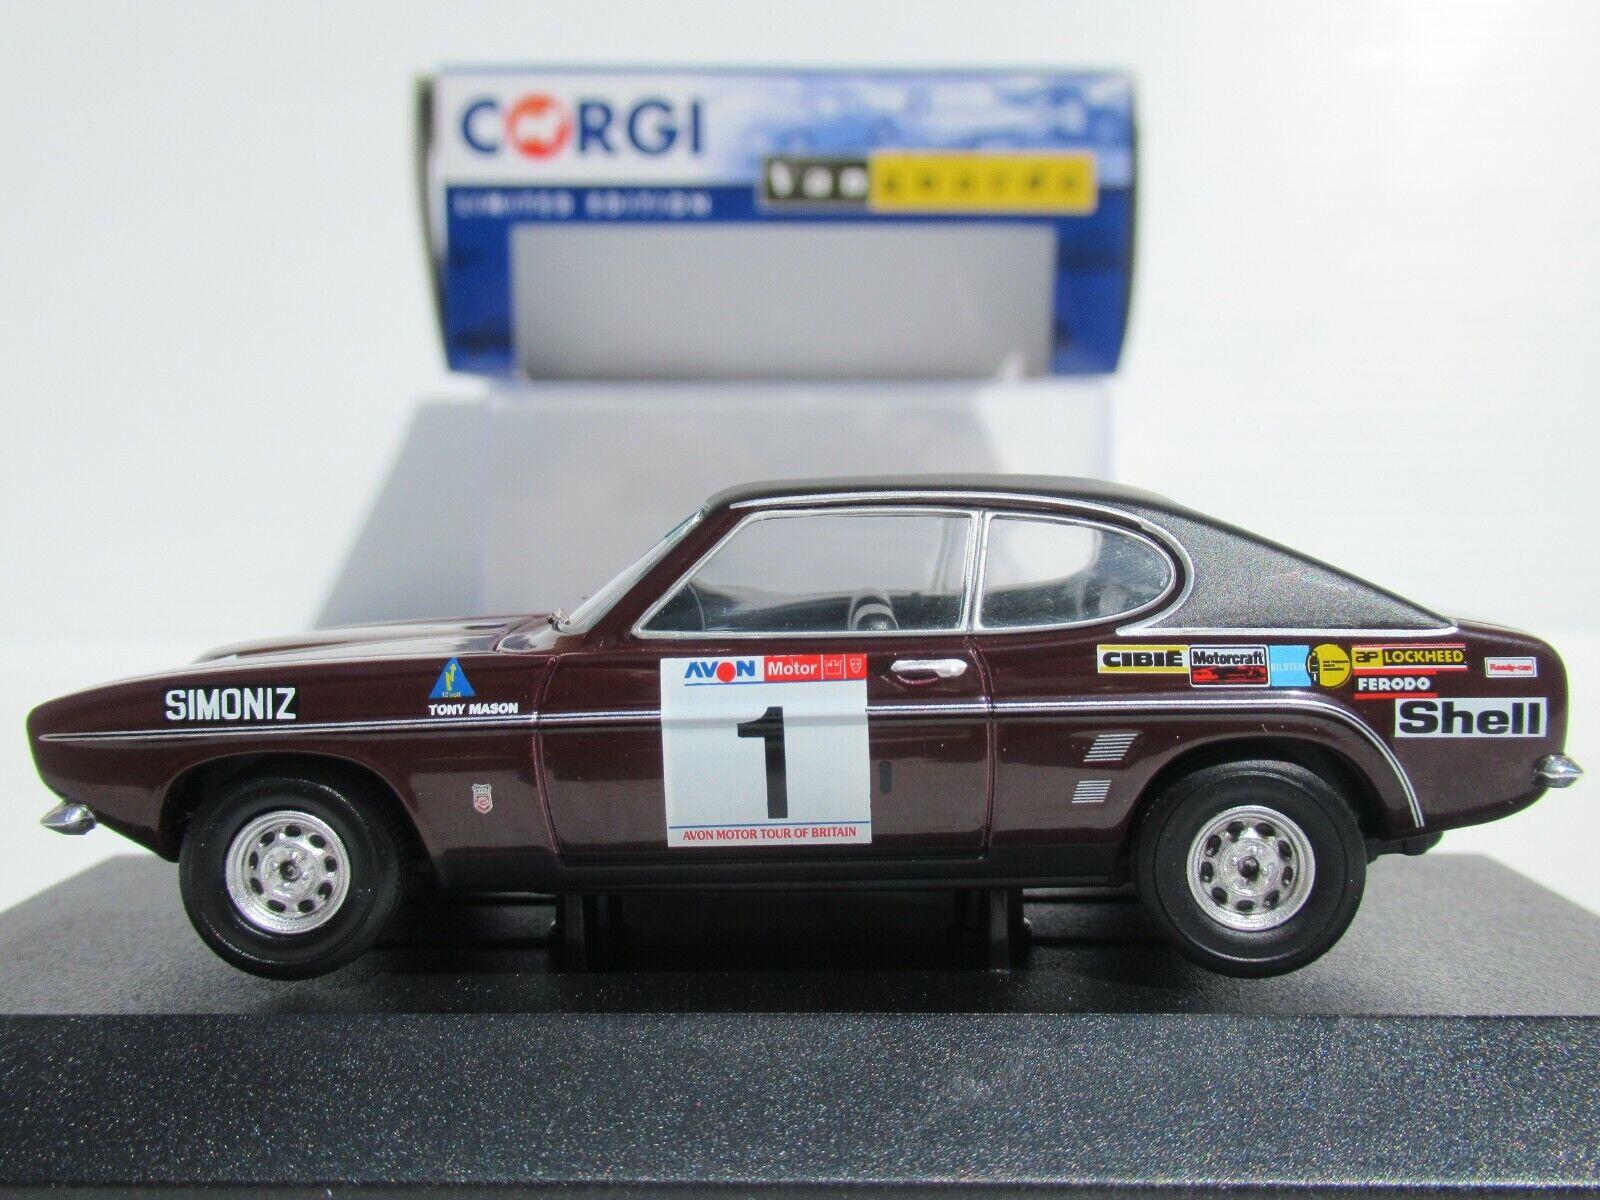 Vanguards Ford Capri Mk1 3000gt Roger Clark 1973 Avon Tour Britain Va13303 For Sale Online Ebay